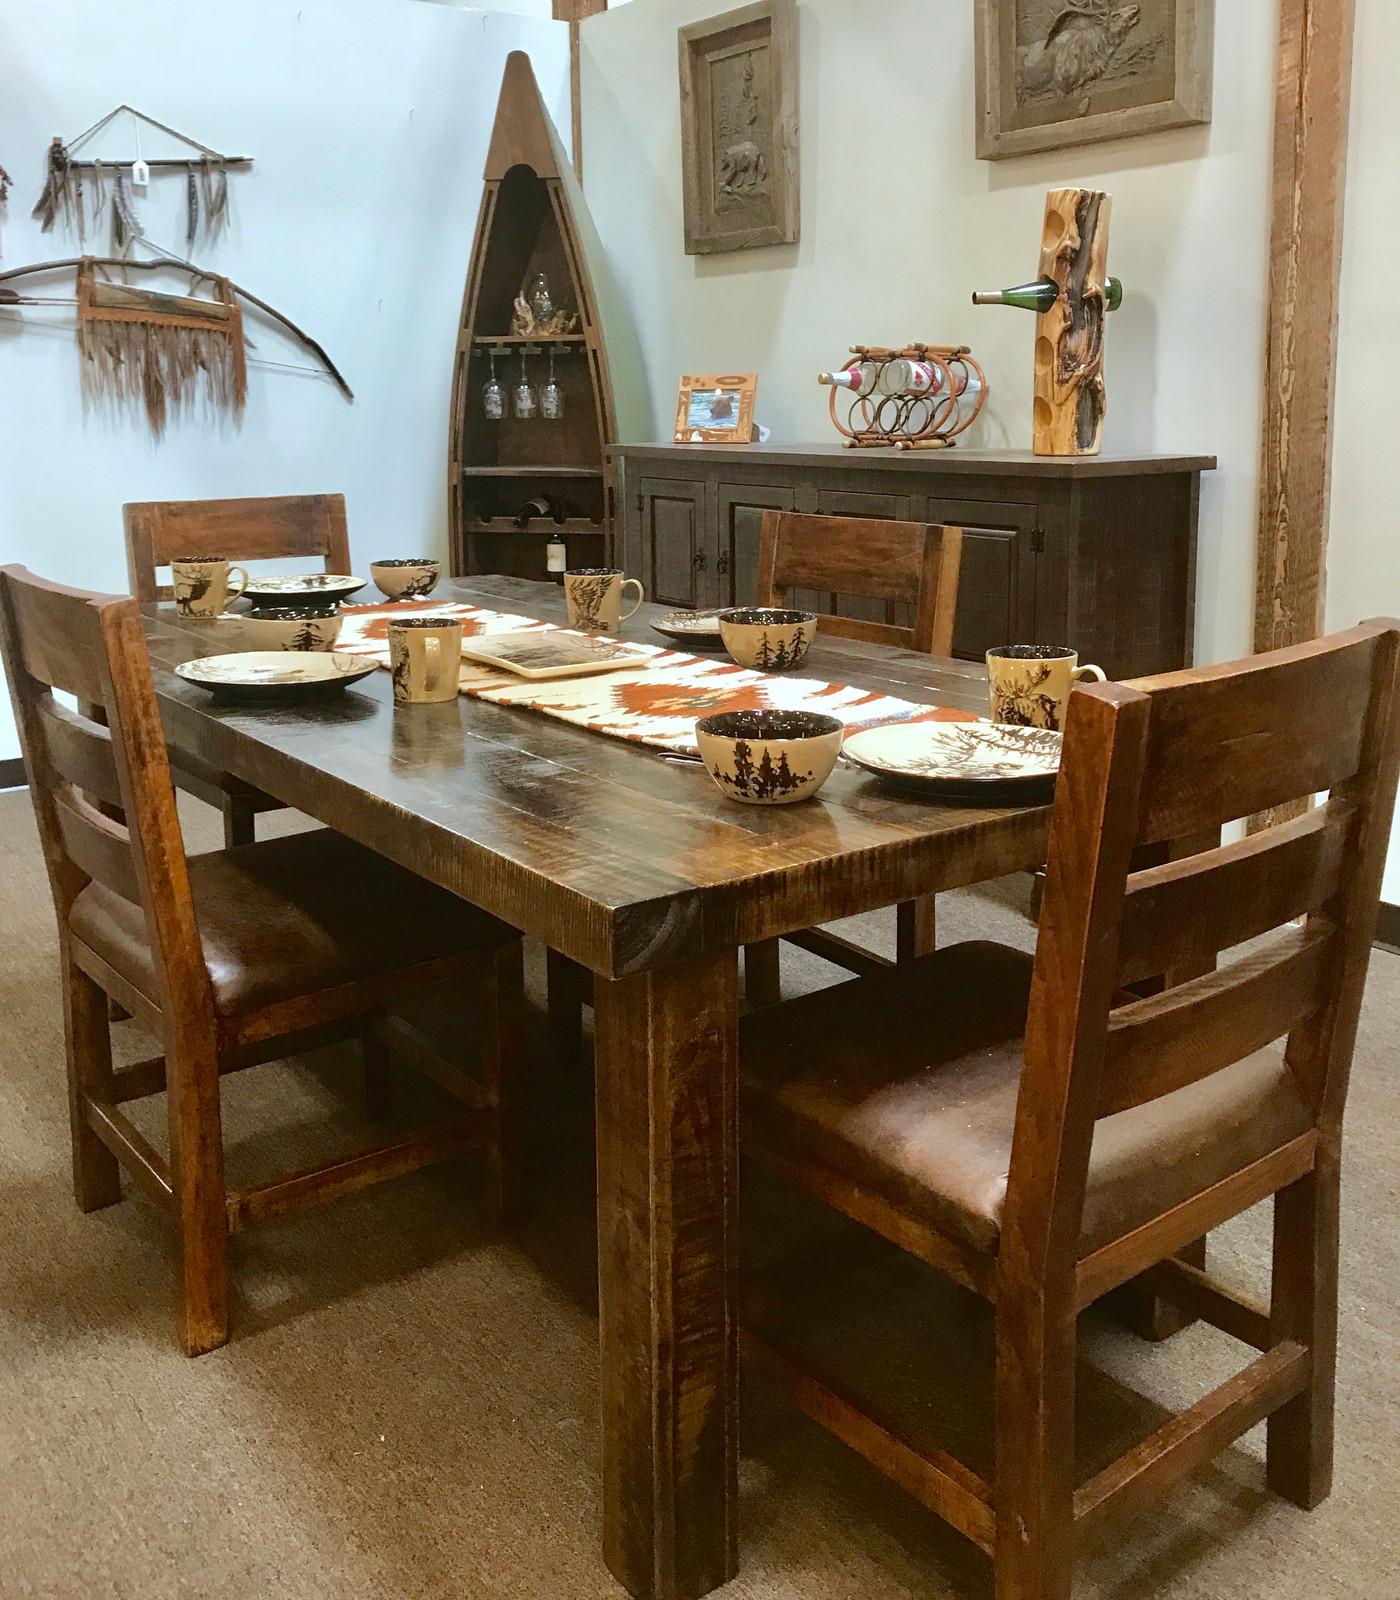 Rustic Living/ Denver/ Alamosa/ Rustic furniture store